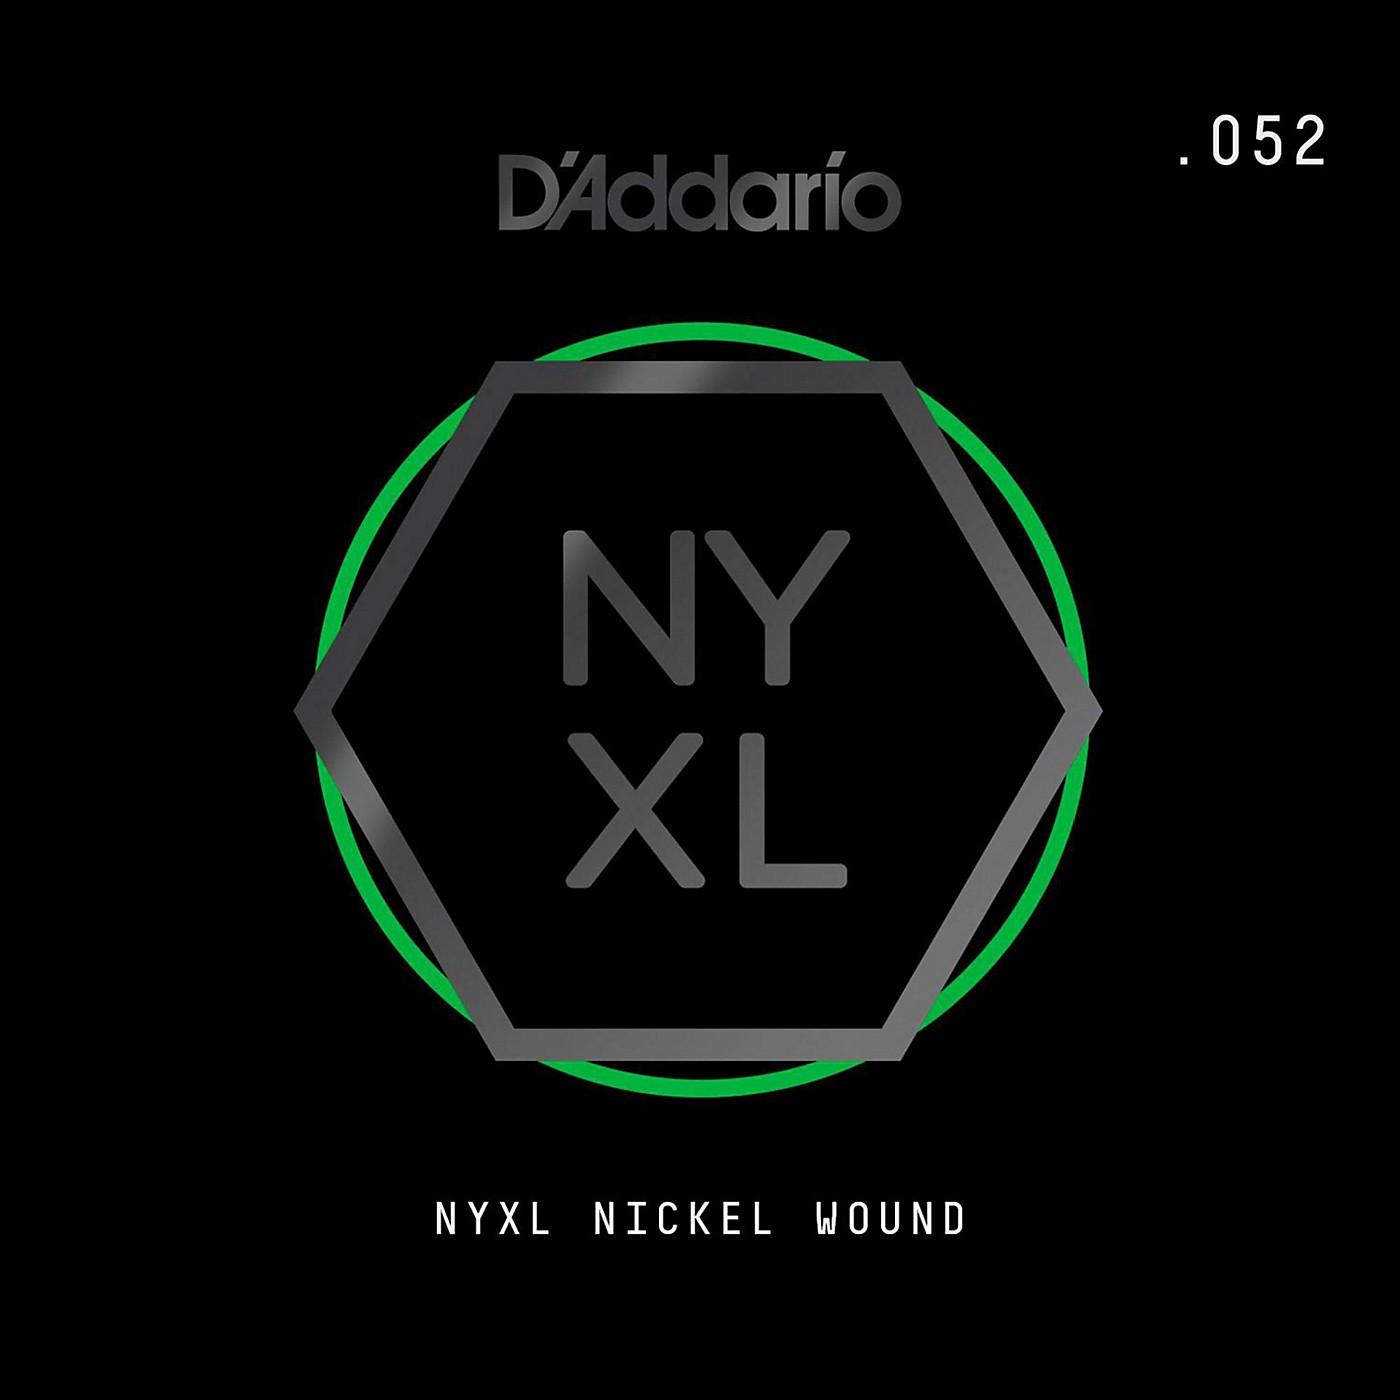 D'Addario NYNW052 NYXL Nickel Wound Electric Guitar Single String, .052 thumbnail